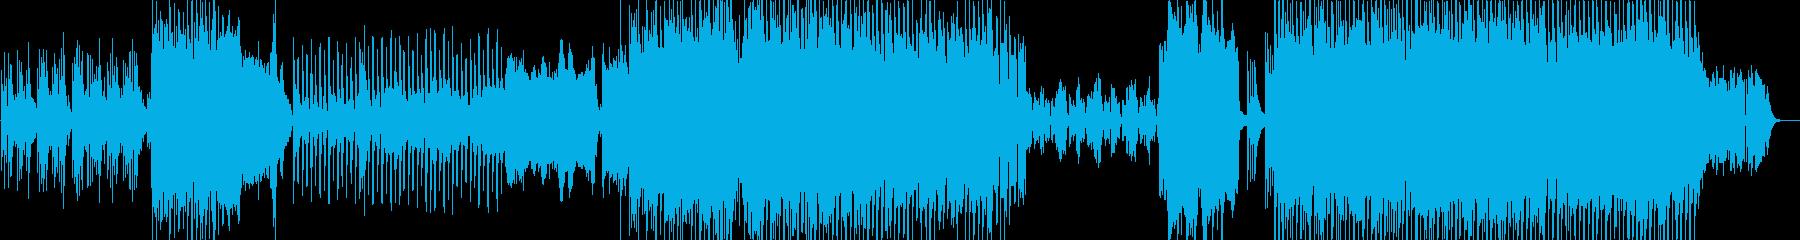 切なさや情緒を感じる琴主体の和風インストの再生済みの波形